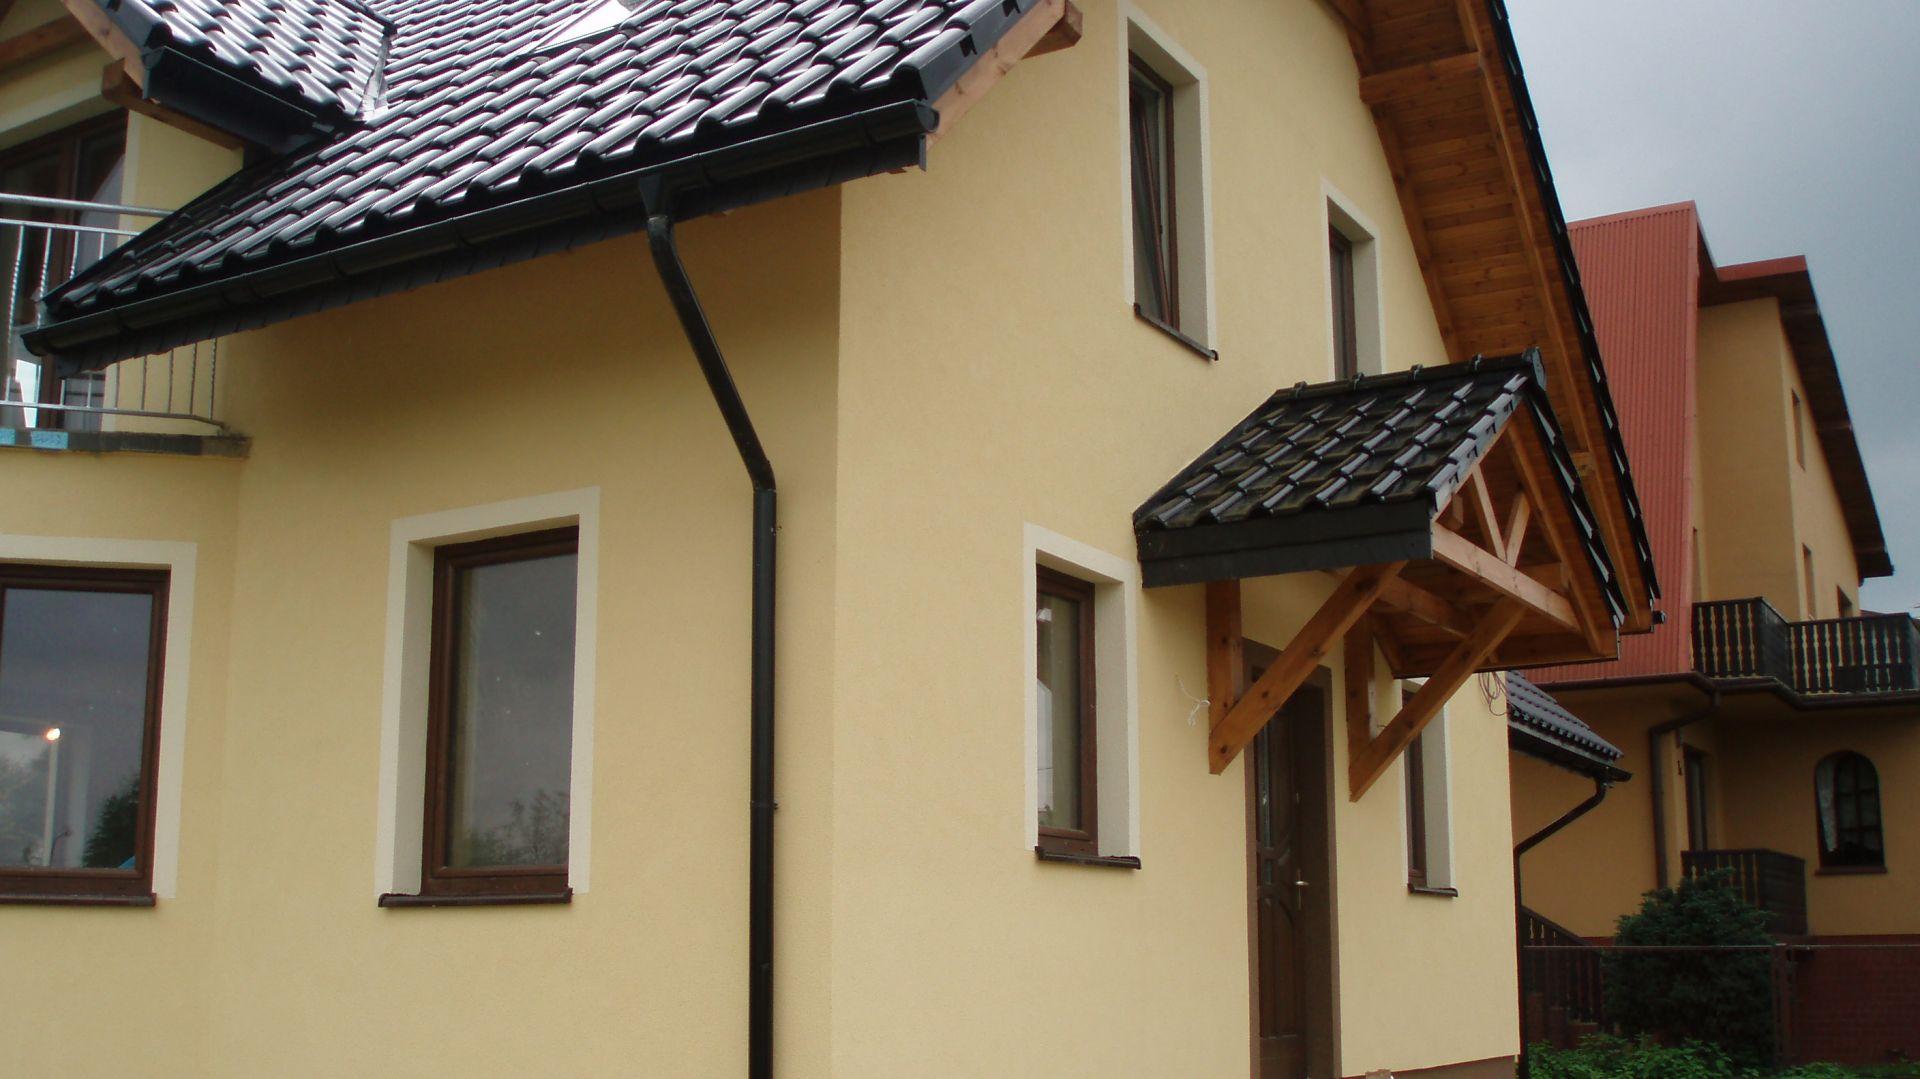 Elewacje domu wykończone jasnożółtym tynkiem silikonowym. Tynk ten posiada dużą odporność na zanieczyszczenia i zdolność do samooczyszczenia podczas deszczu. Fot. Weber